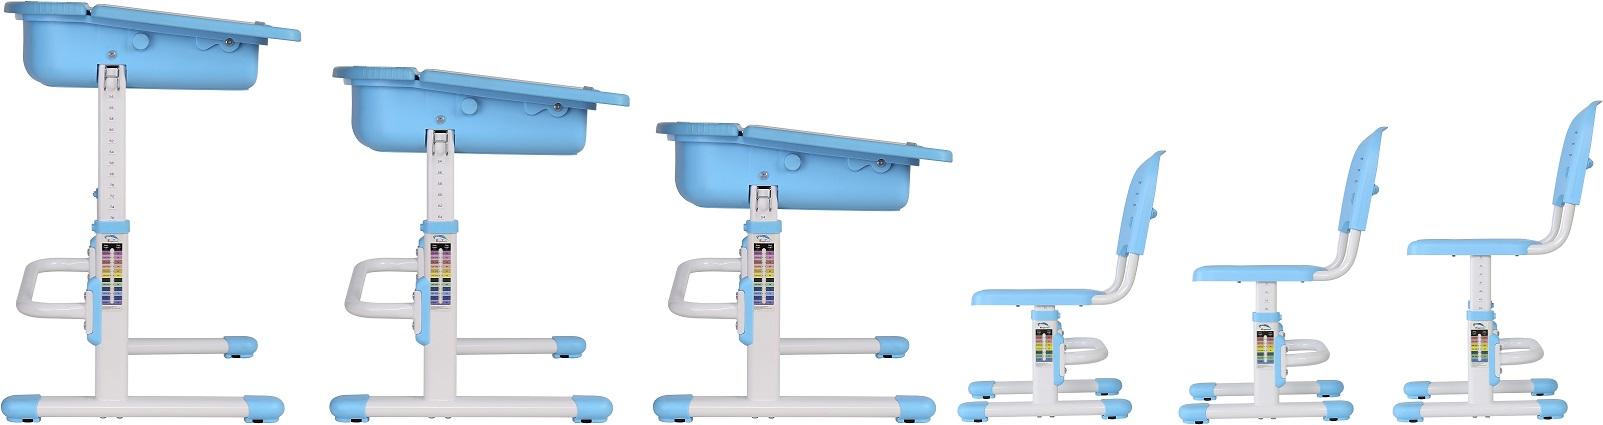 שולחן וכסא מתכווננים לילדים בגיל בית הספר צבע ורוד BIG BOSS C360 - תמונה 5